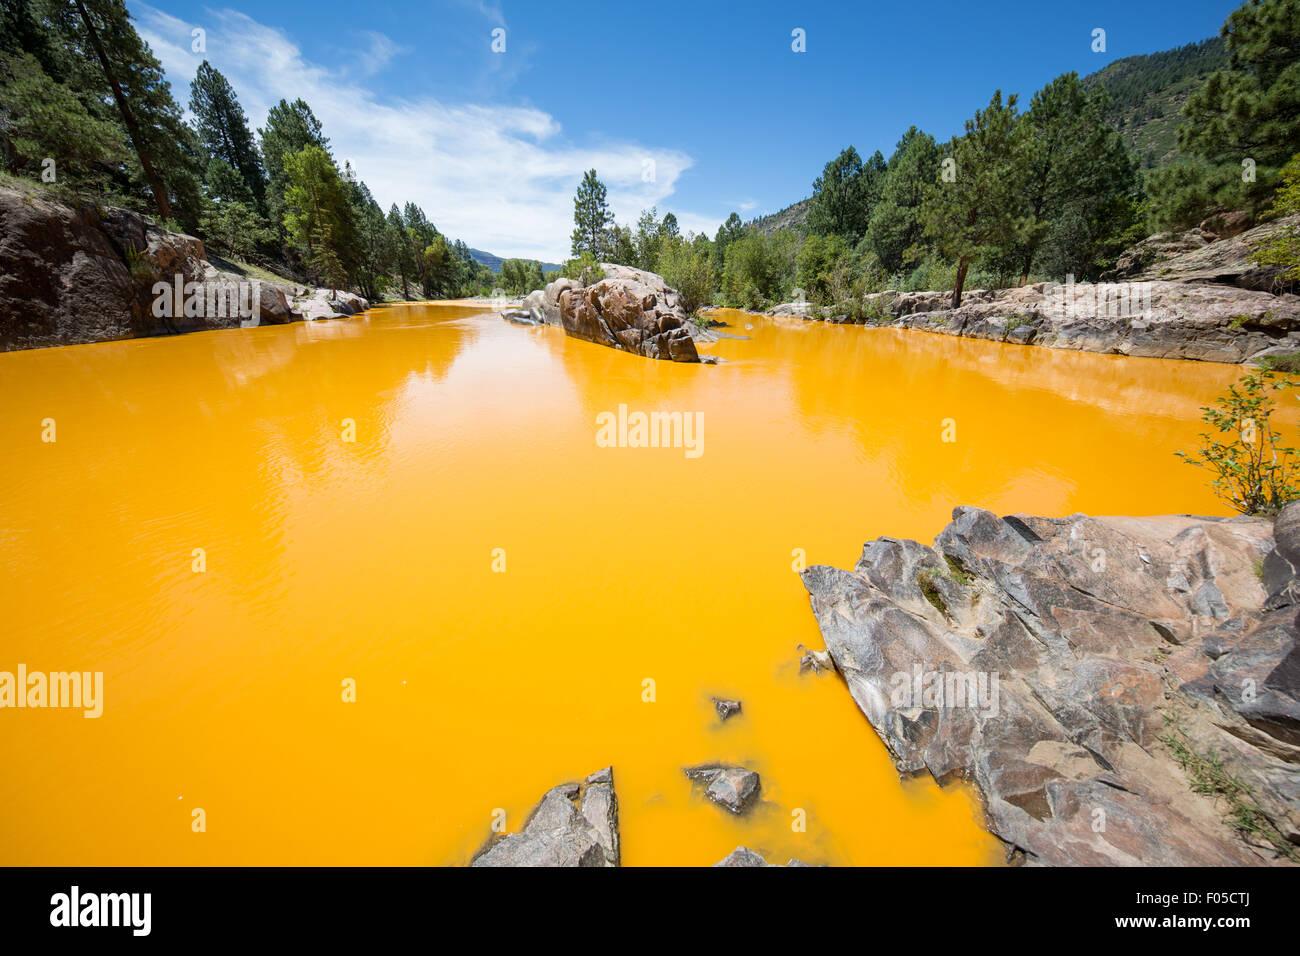 Durango, Colorado, USA. 6th Aug, 2015. Discolored water in the Animas river at Bakers bridge near Durango, Colorado - Stock Image